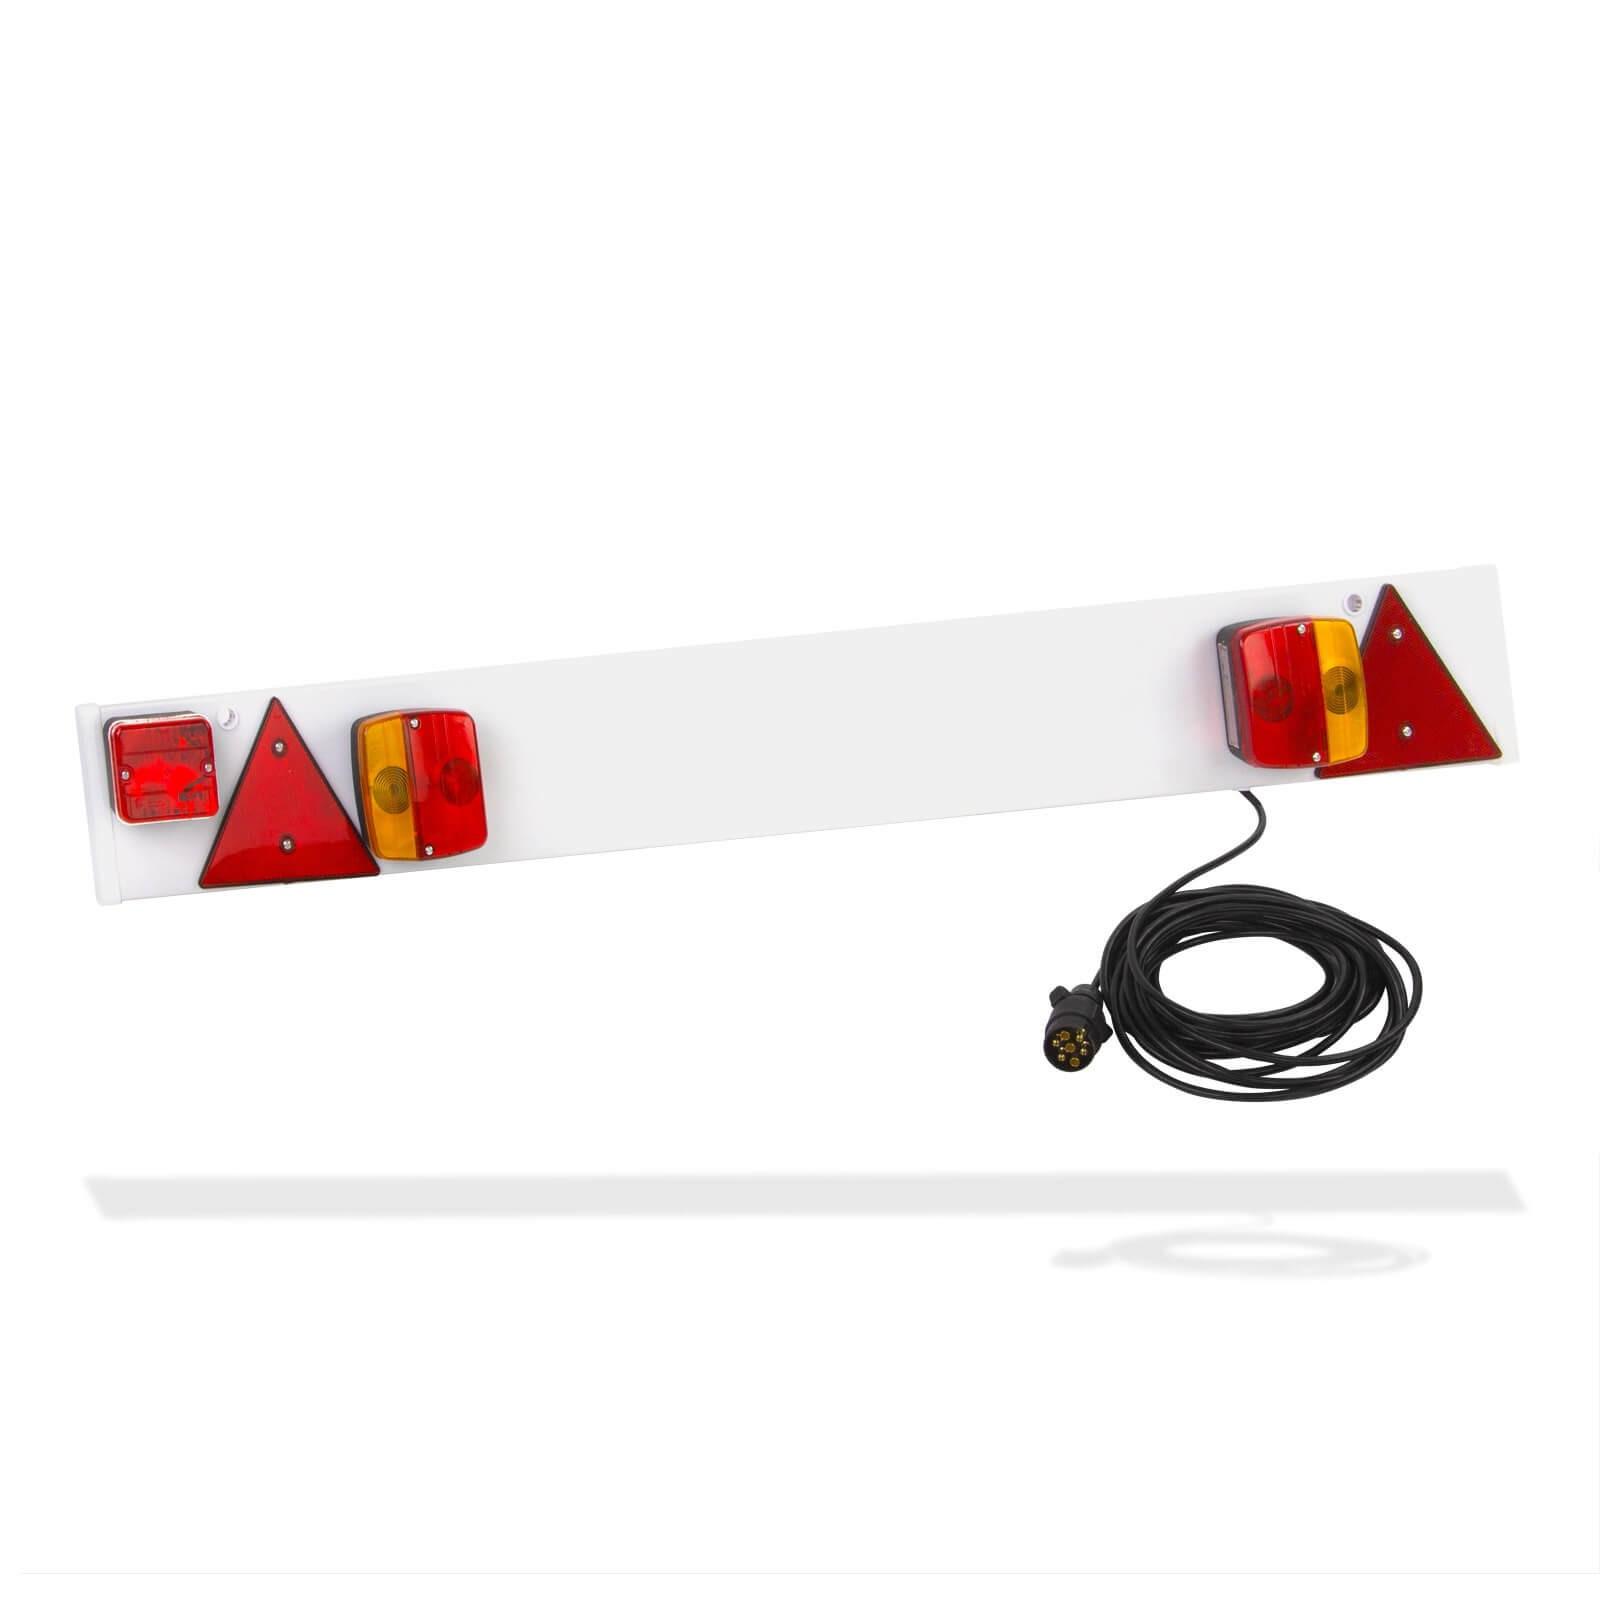 Anhangerbeleuchtung 122cm 7 Pol 12v Ruckleuchten Rucklicht Lichtleiste Anhanger Stabilo Fachmarkt Fur Werkzeug Landwirtschaft Garten